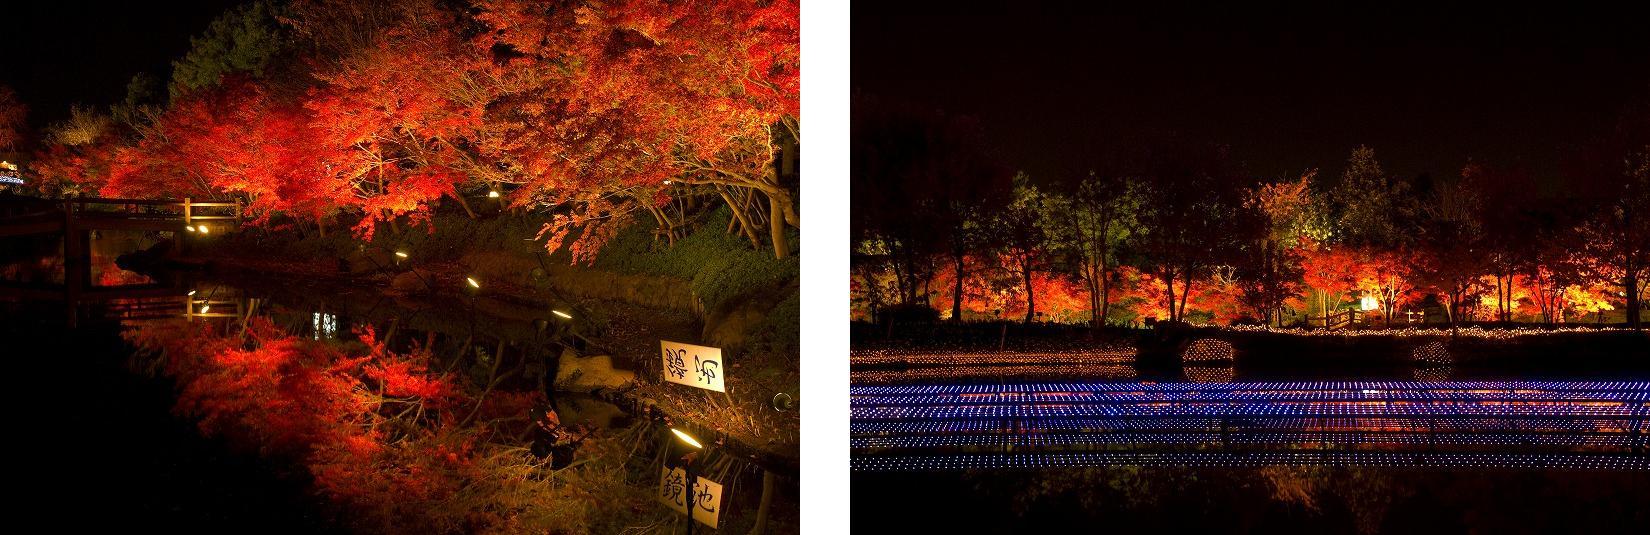 「紅葉」と「ライトアップ」